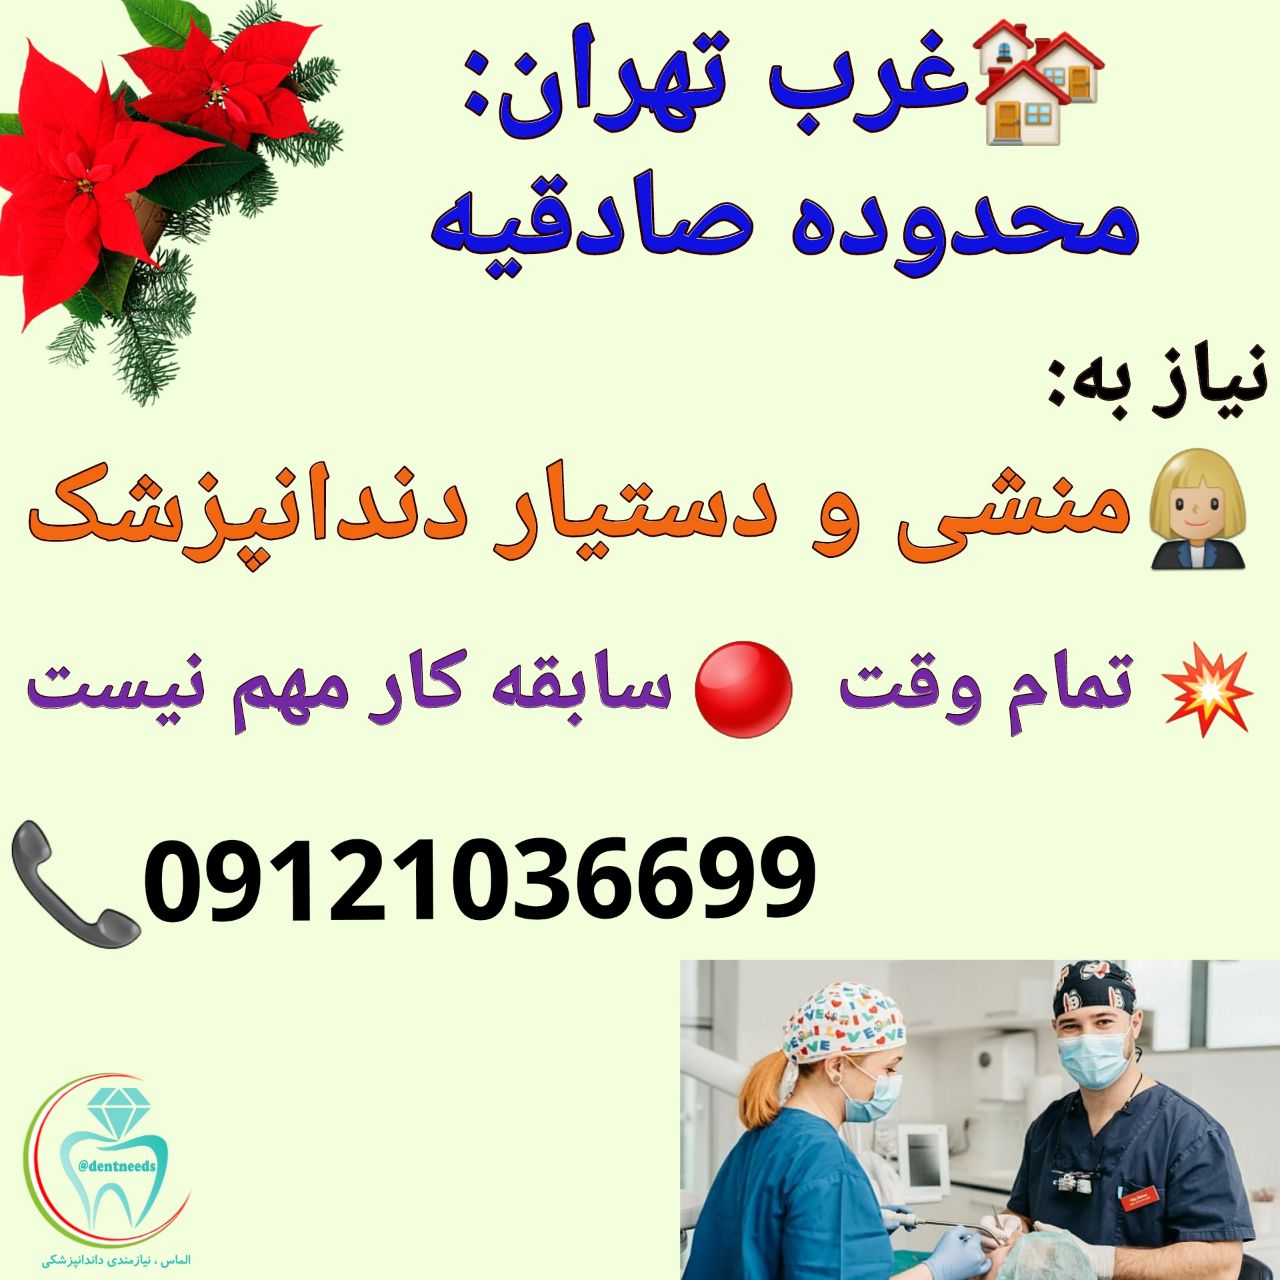 غرب تهران: محدوده صادقیه، نیاز به منشی و دستیار دندانپزشک